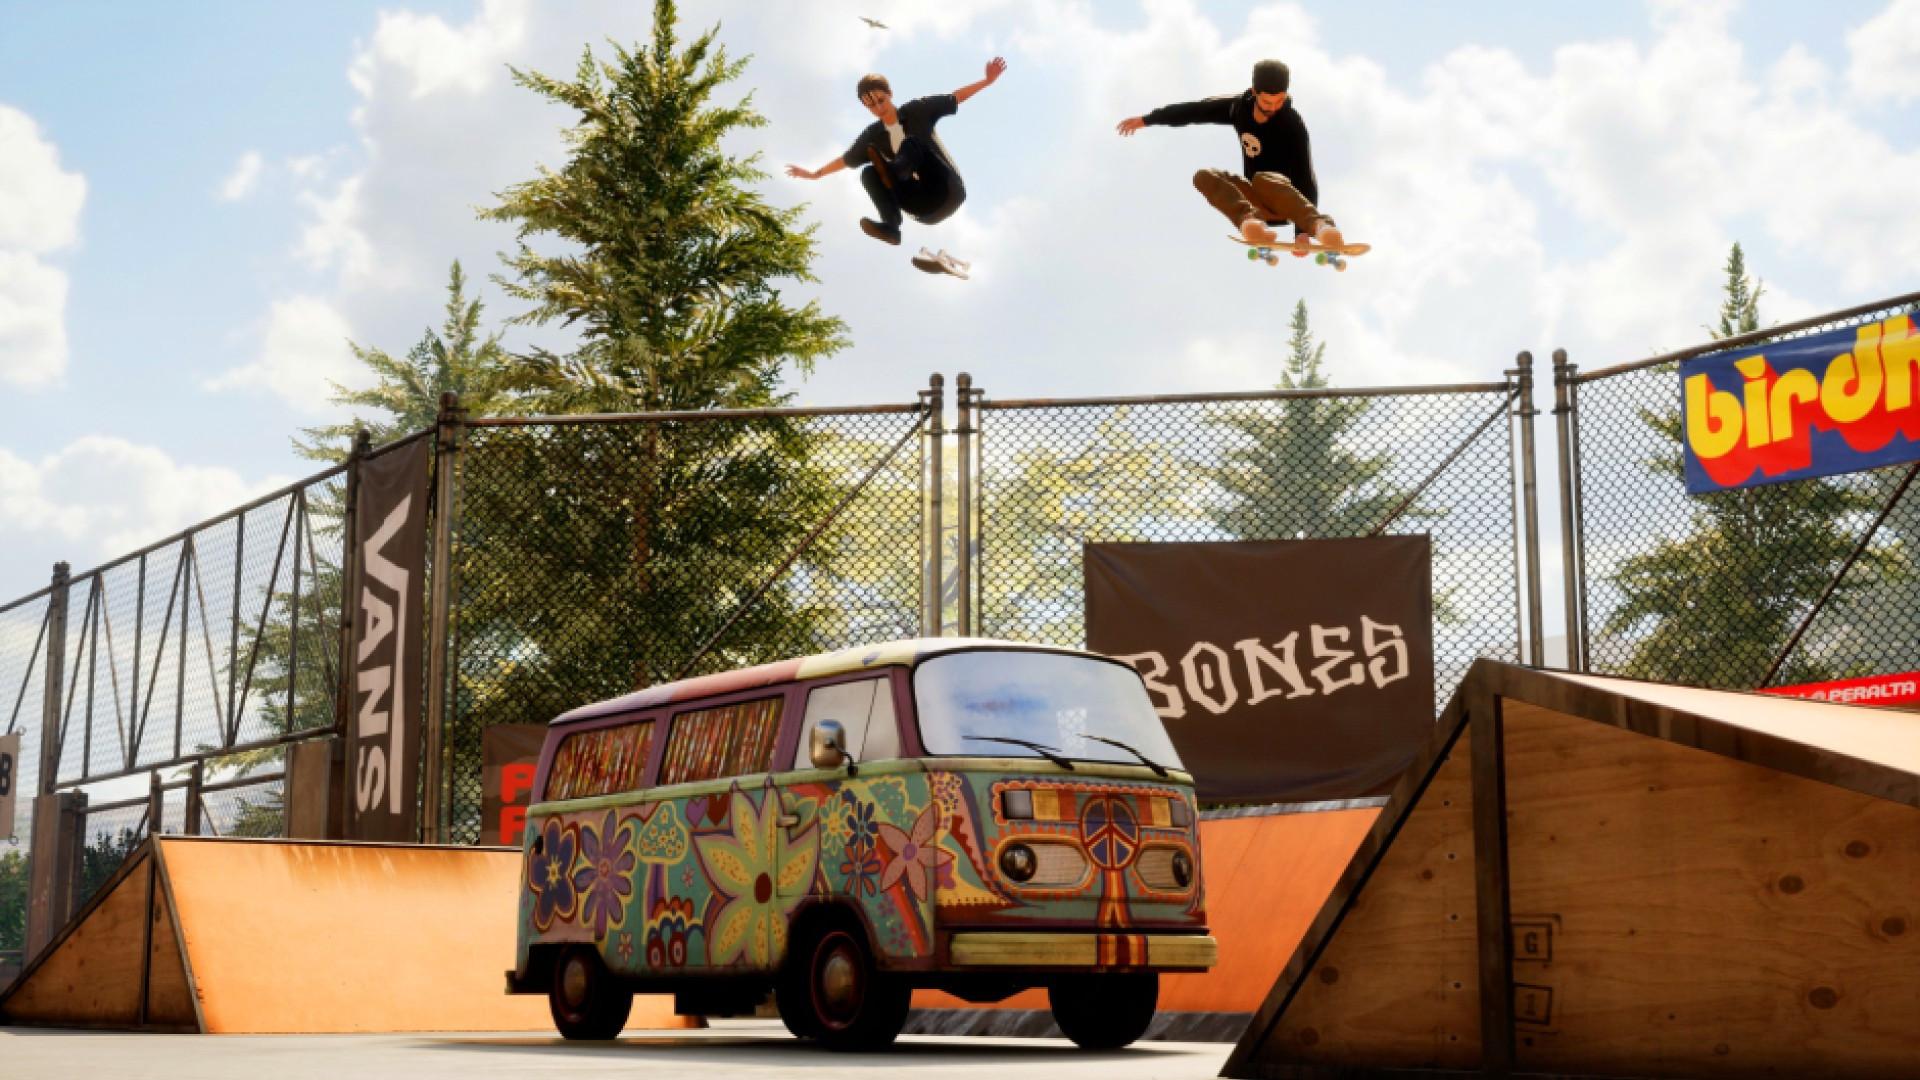 Tony Hawk's Pro Skater 1 et 2: ensemble de luxe inter-génération